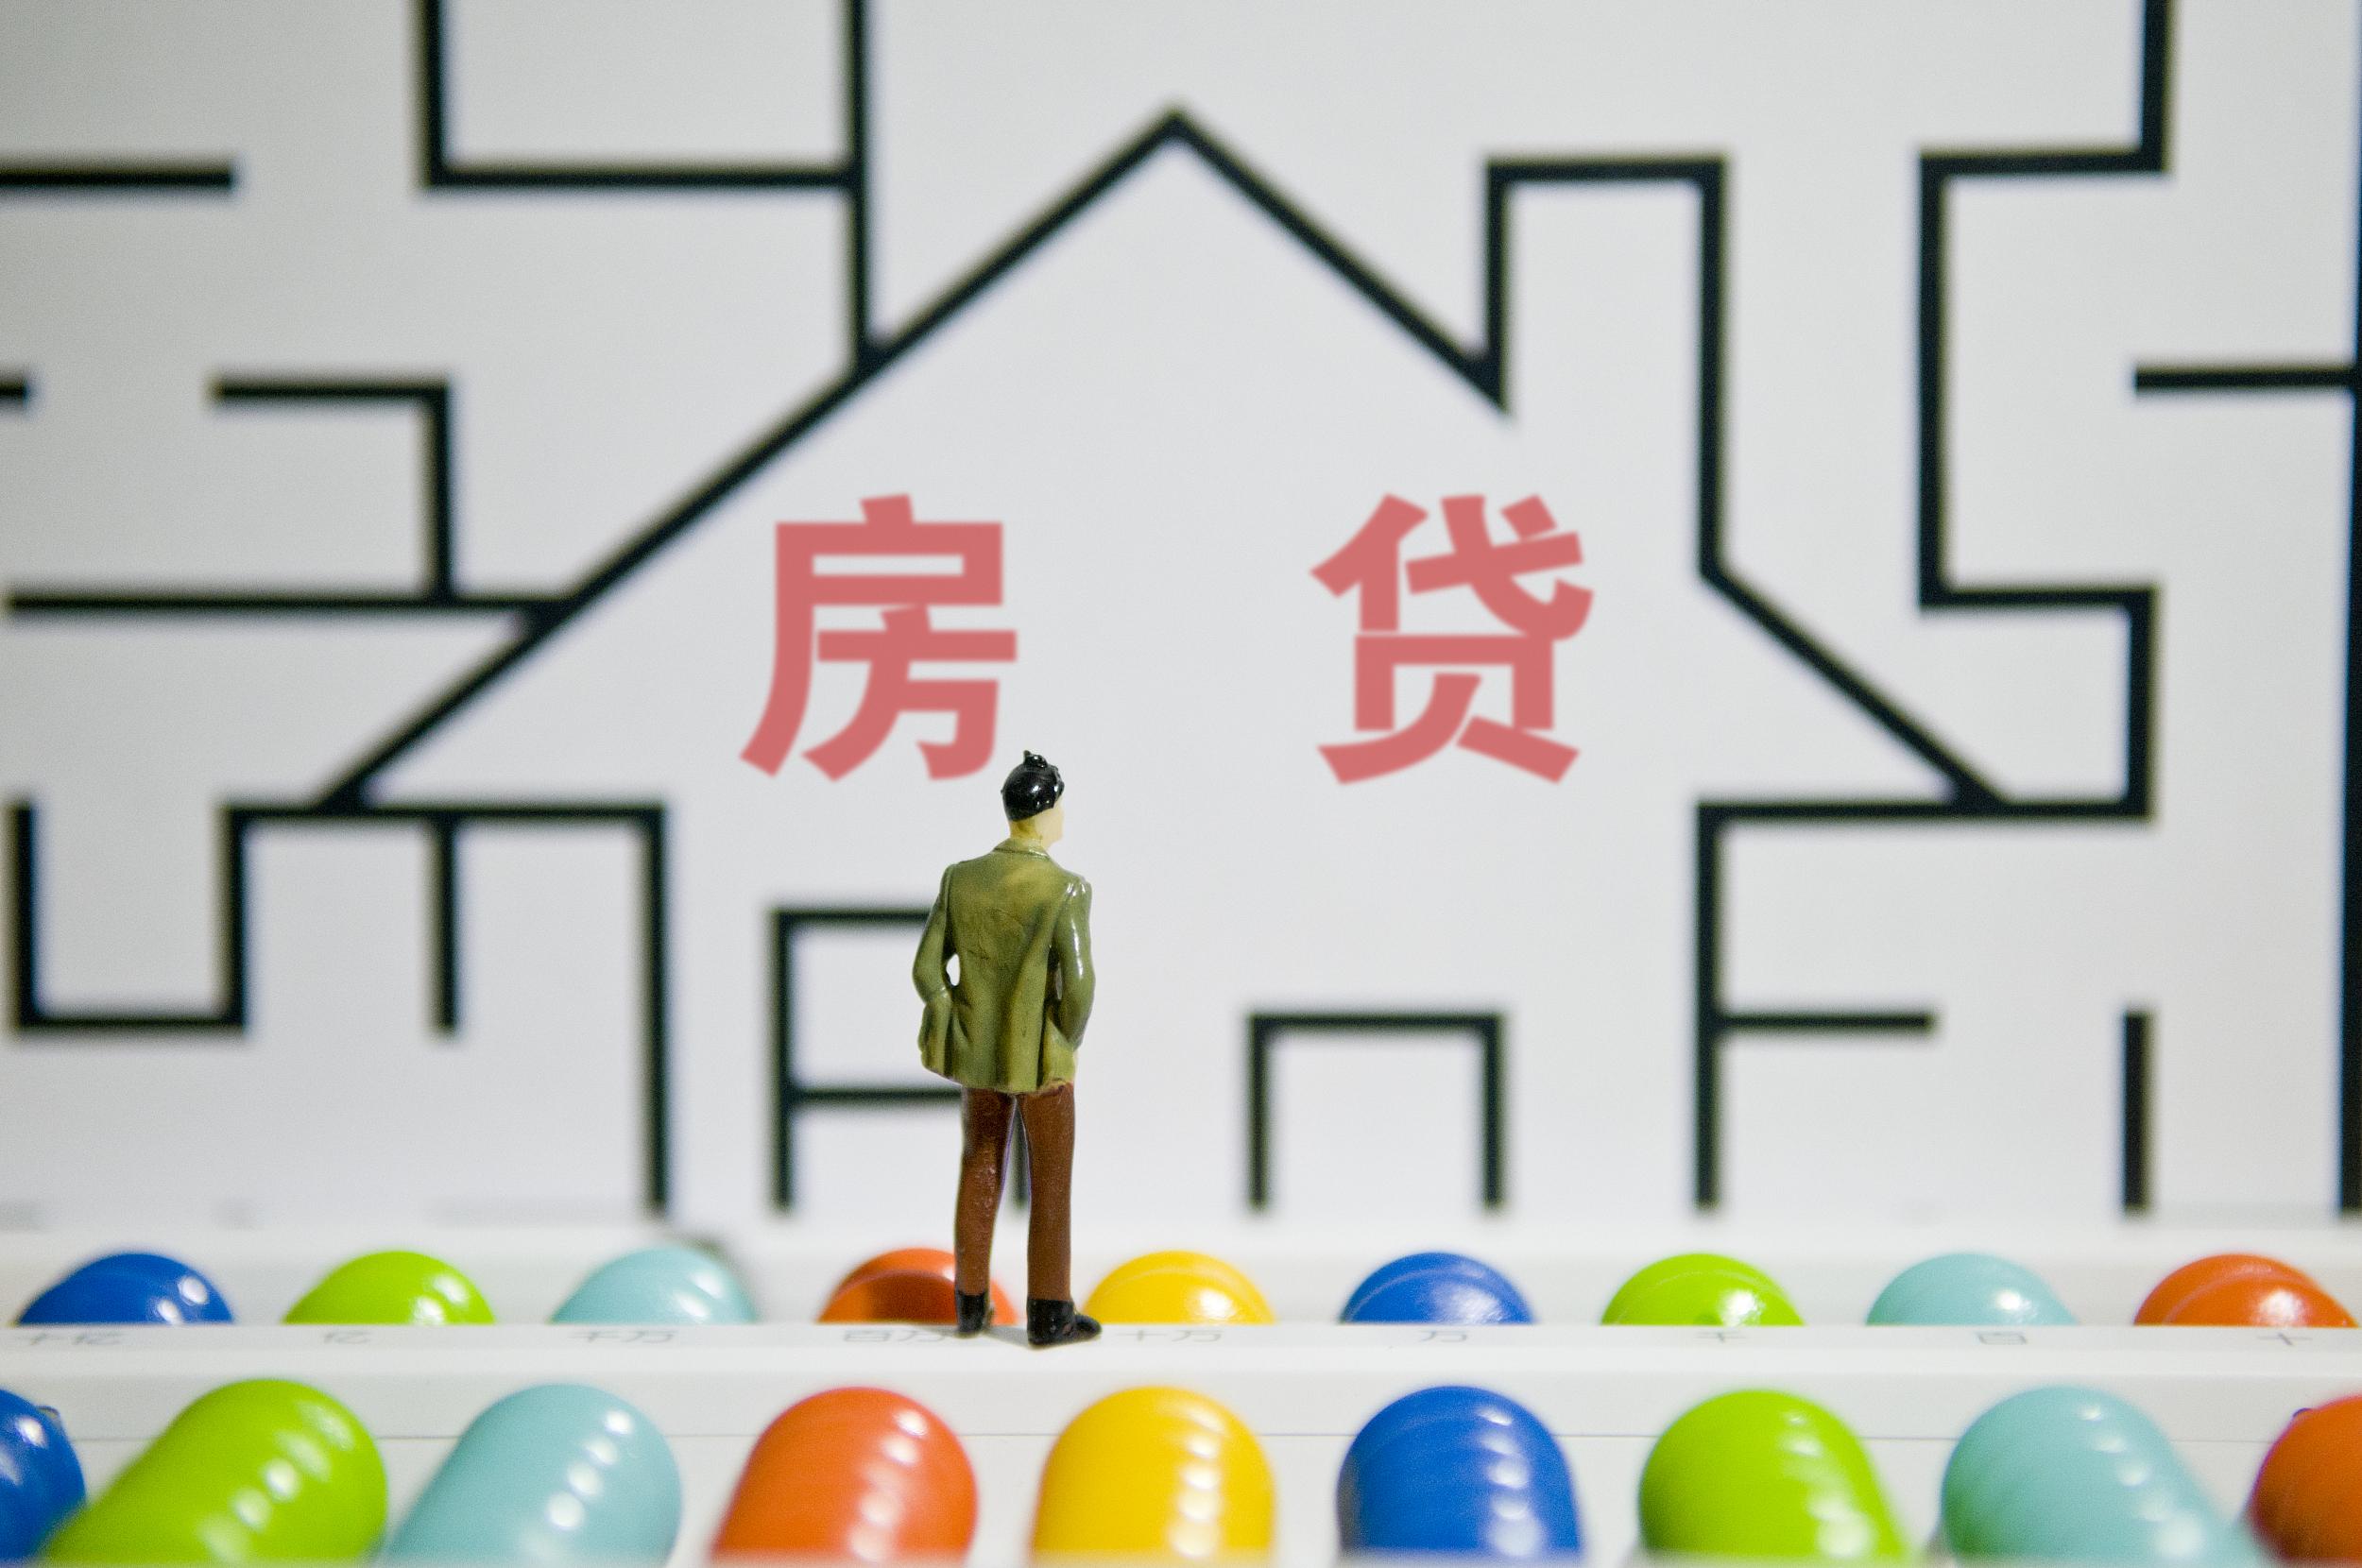 部分一线城市房贷收紧 个人房贷审批难度加大